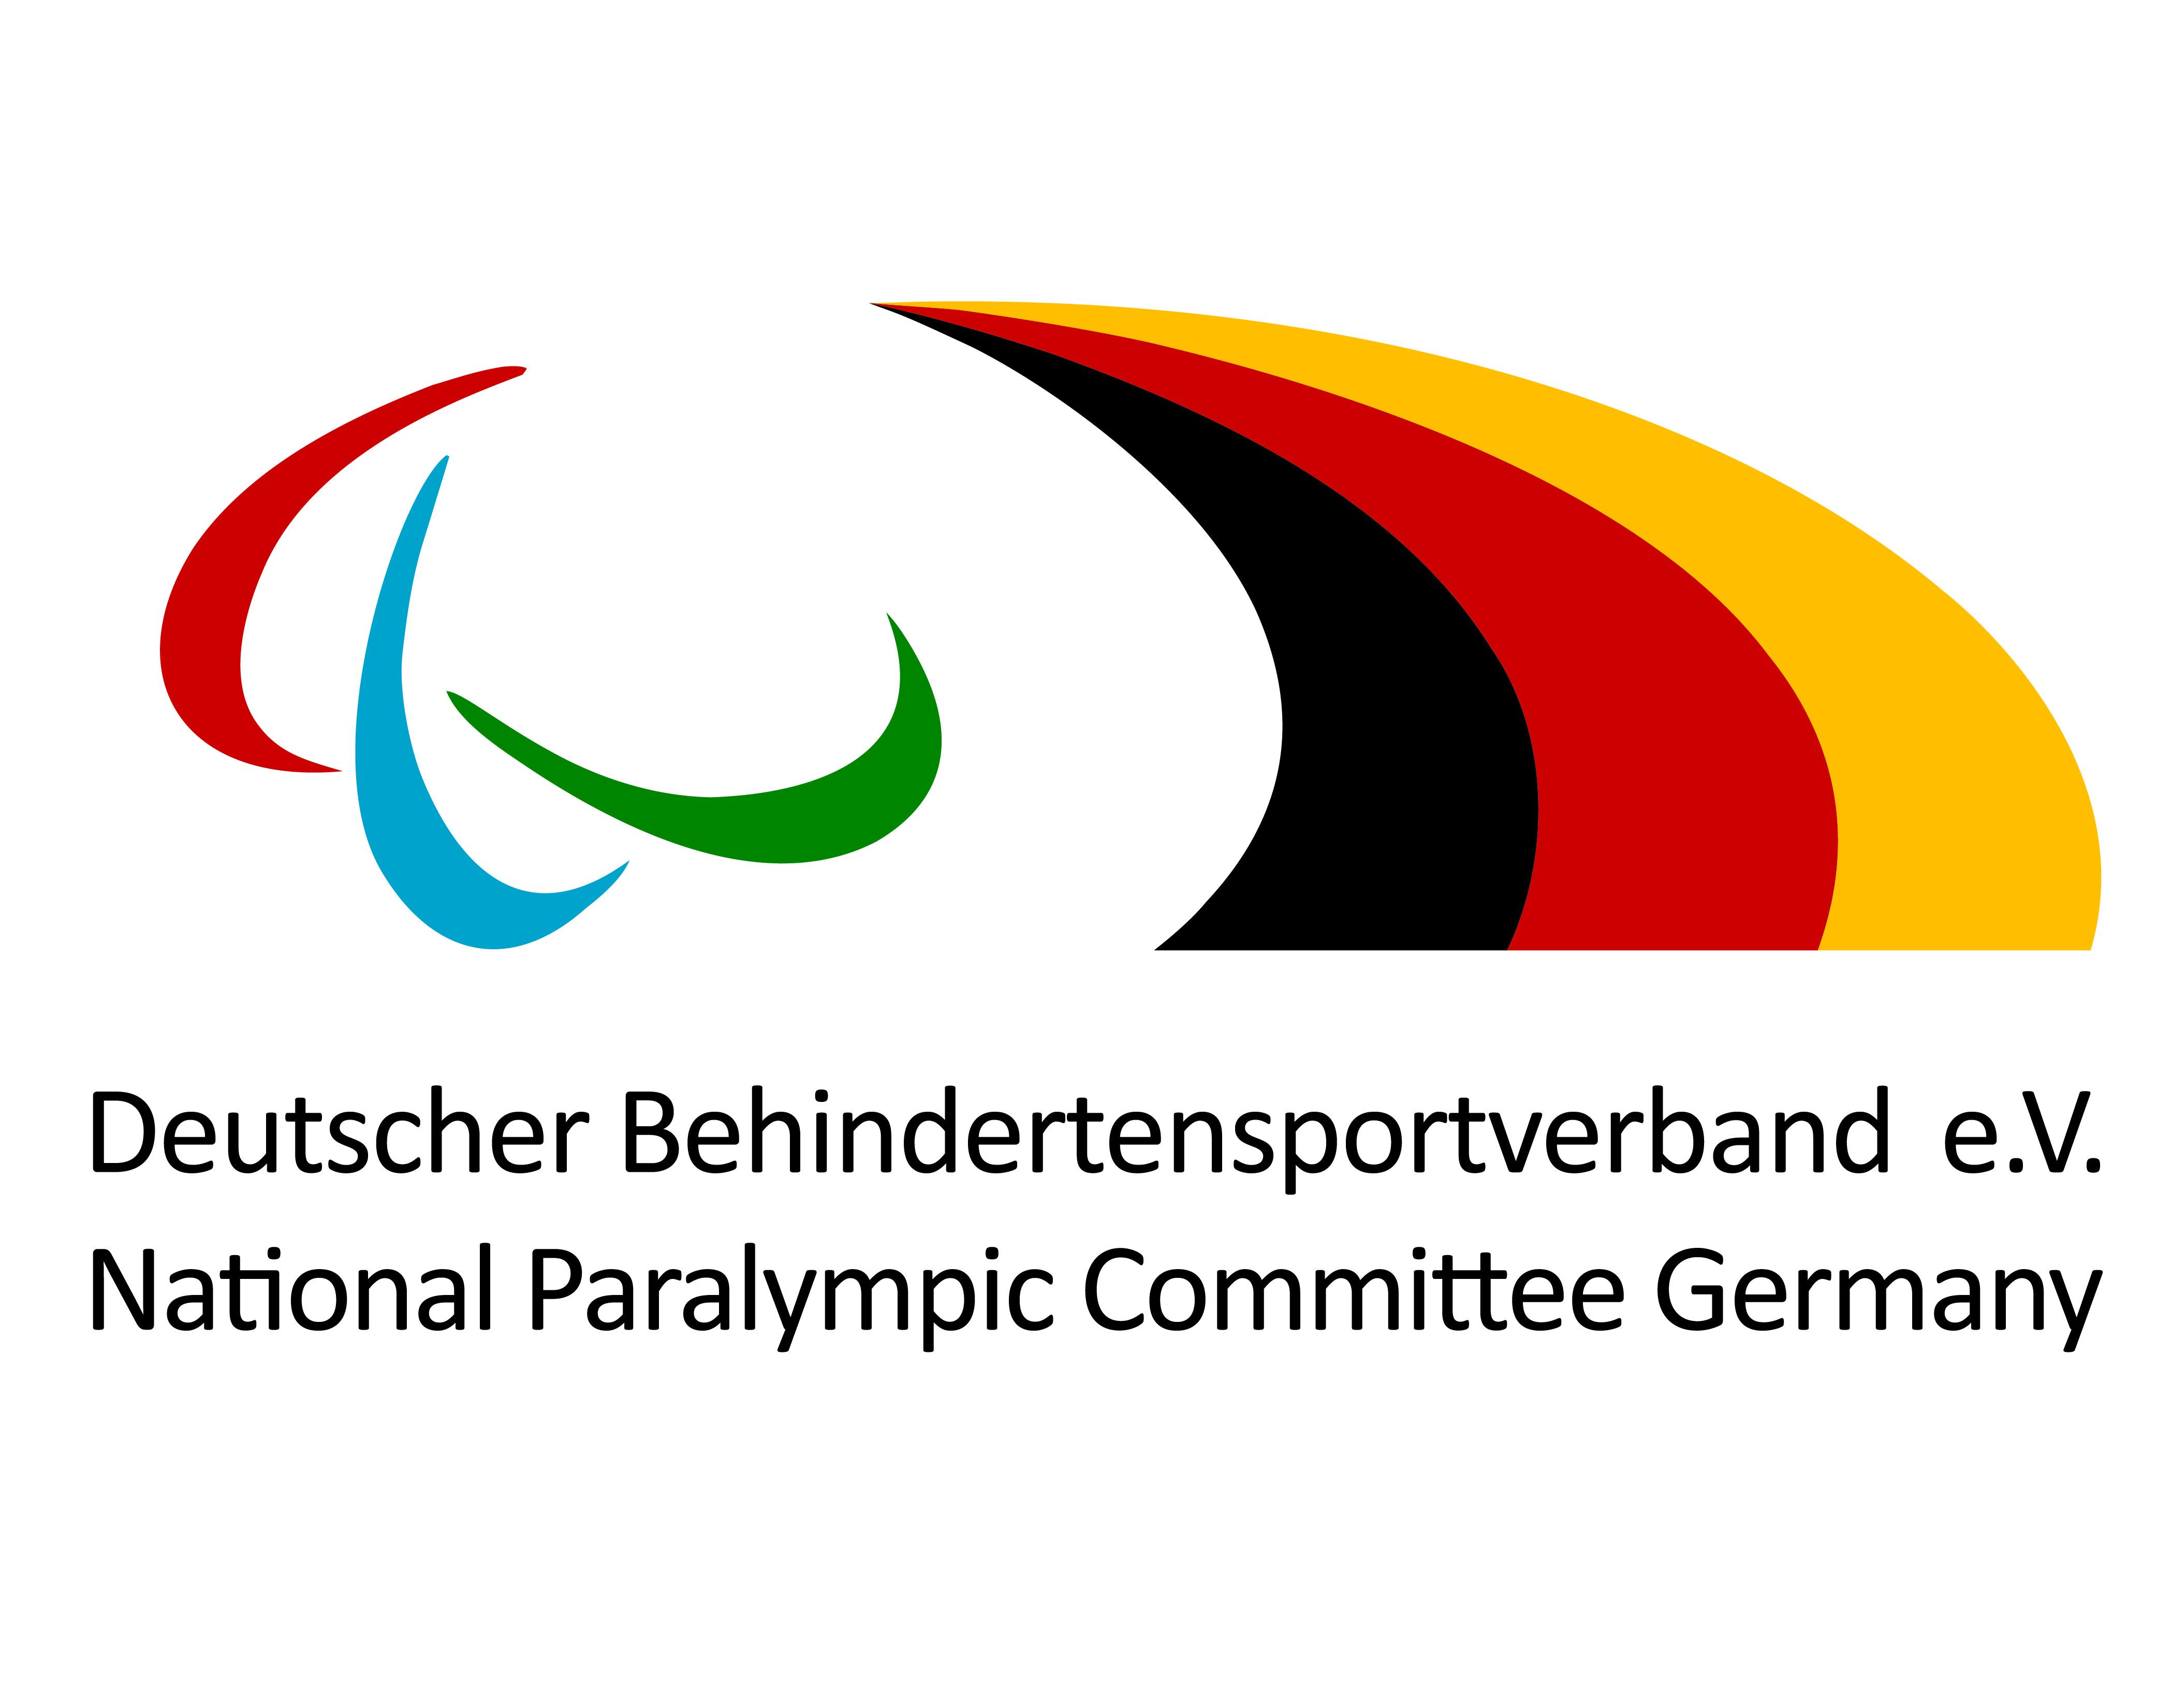 Deutsche Behindertensportverband e.V.